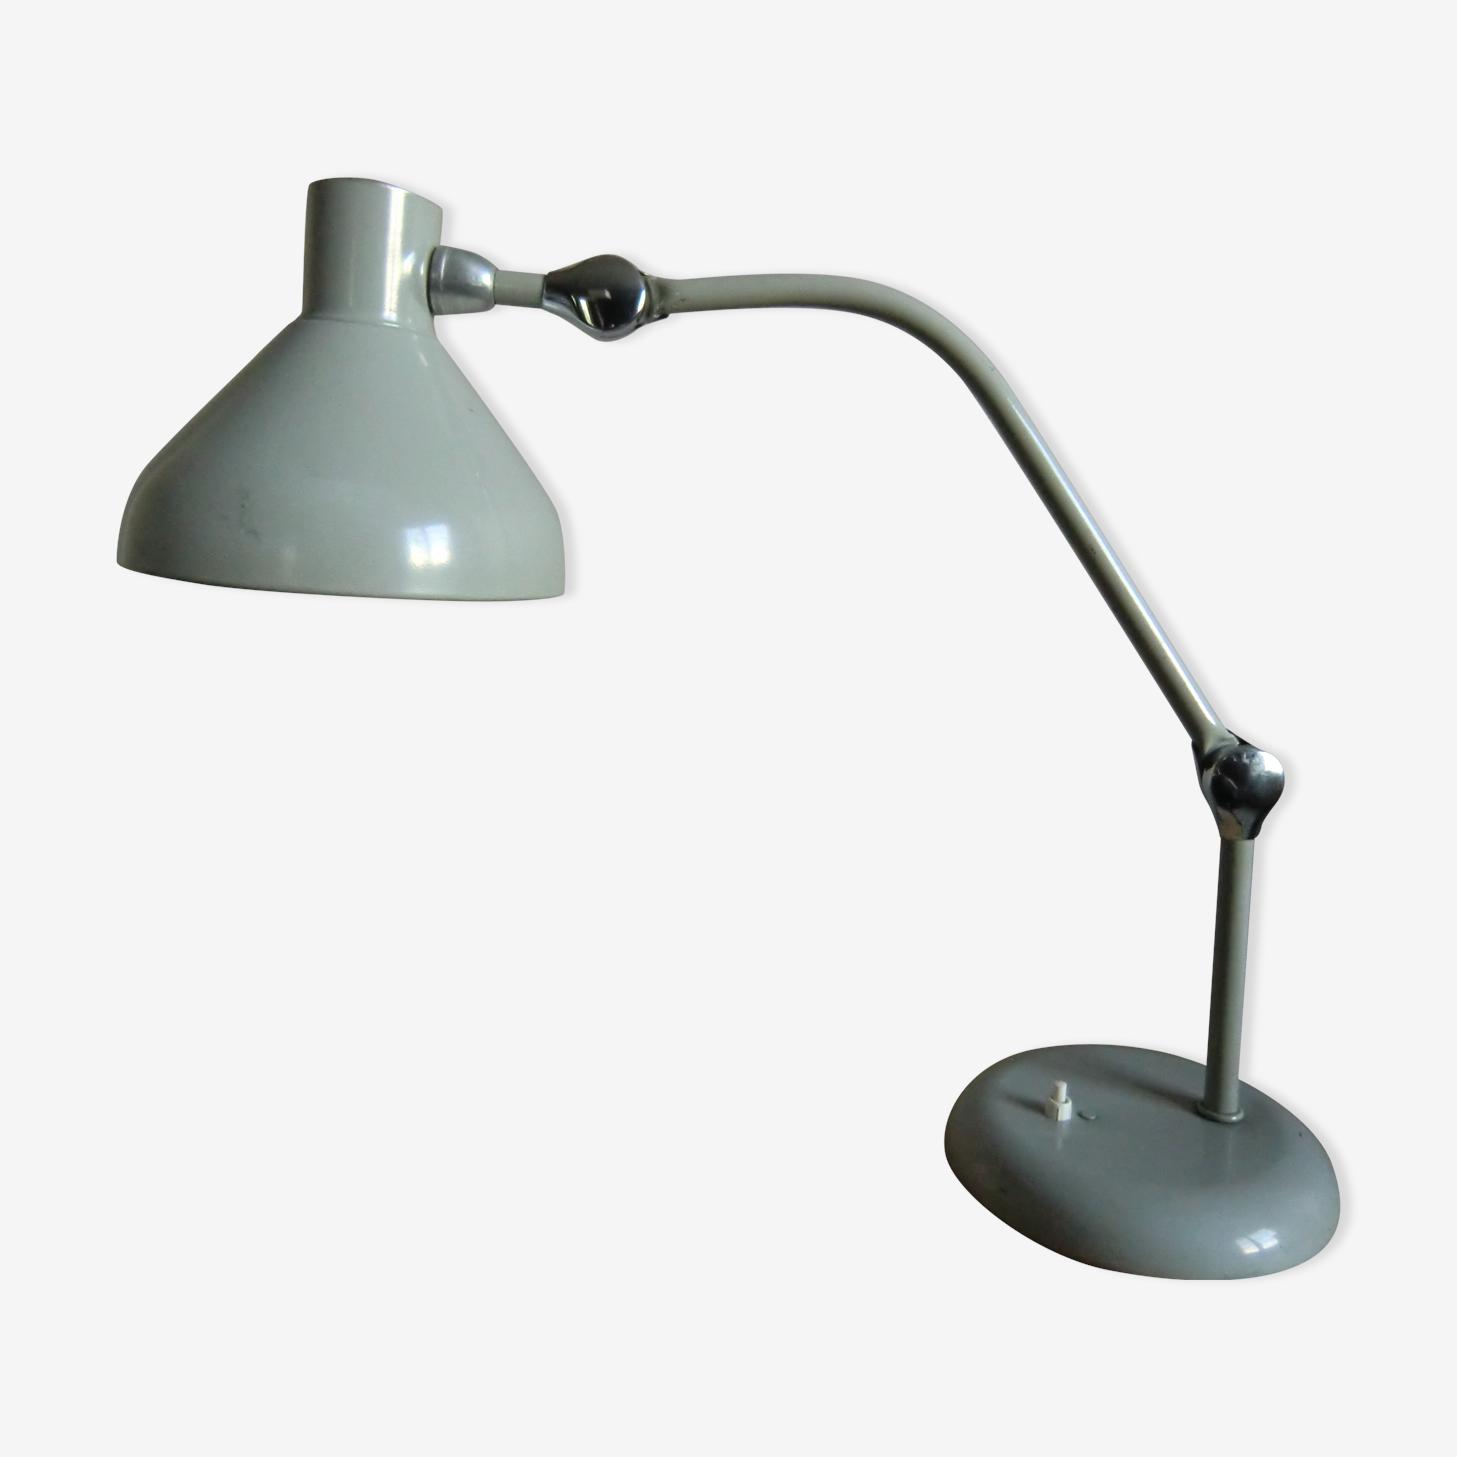 Lampe Jumo Gs1 Grise Metal Grey Industrial Wpstlrc